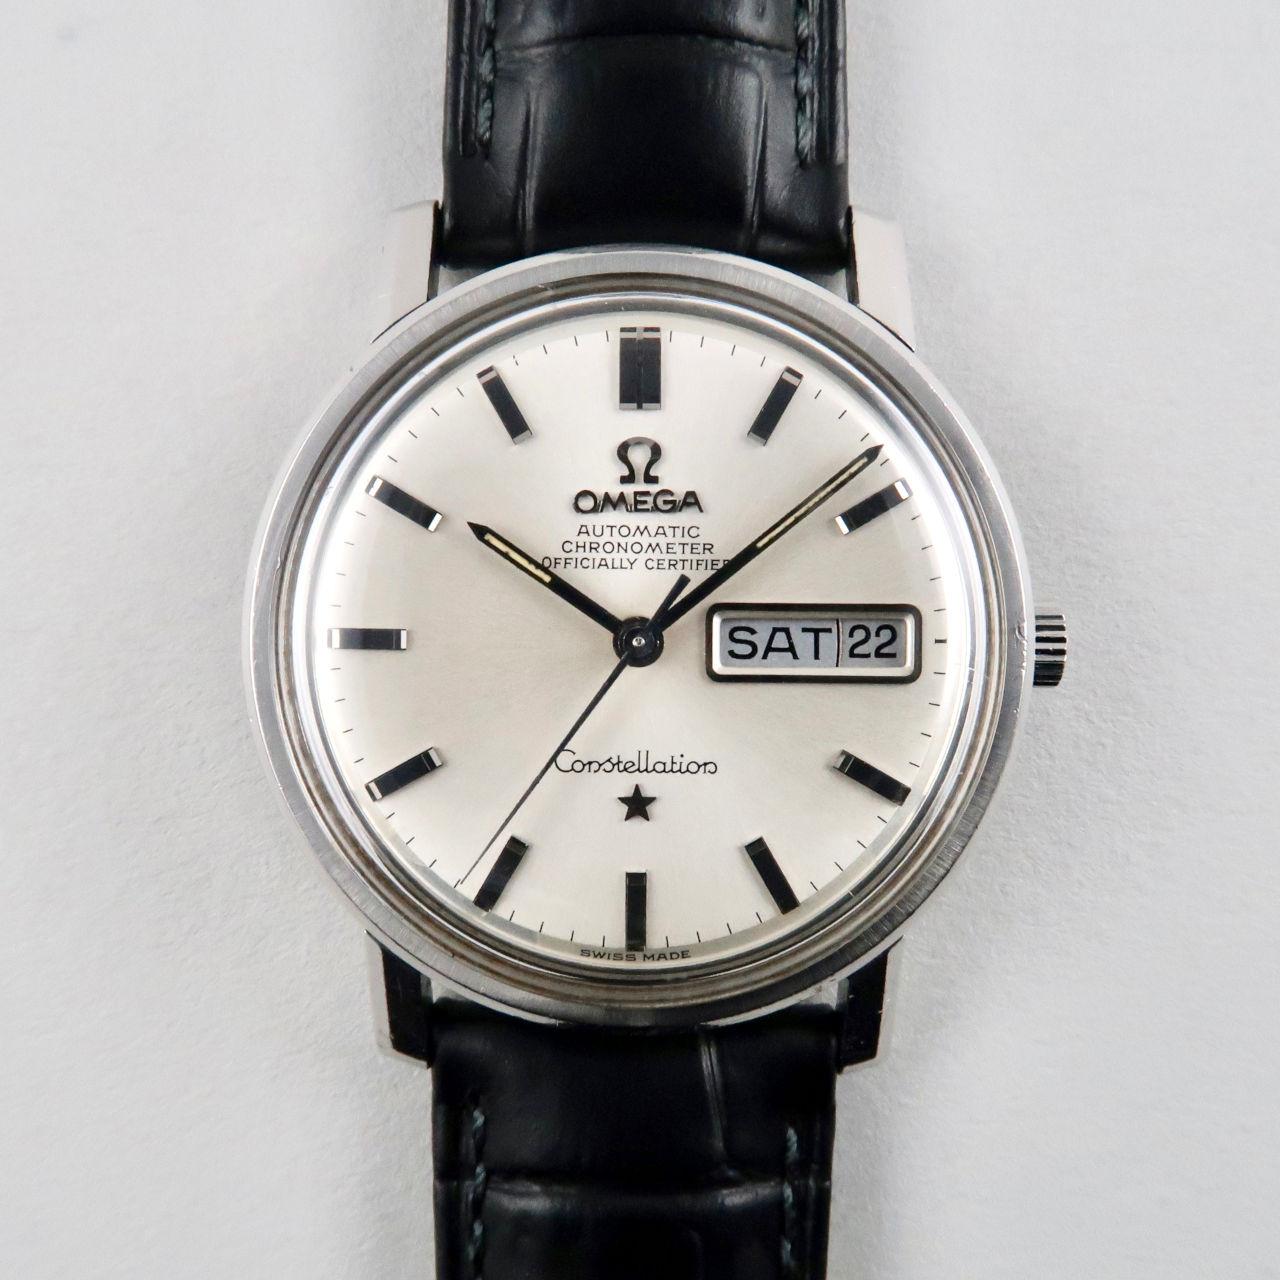 Omega Constellation Ref. 168.016 steel vintage wristwatch, circa 1970